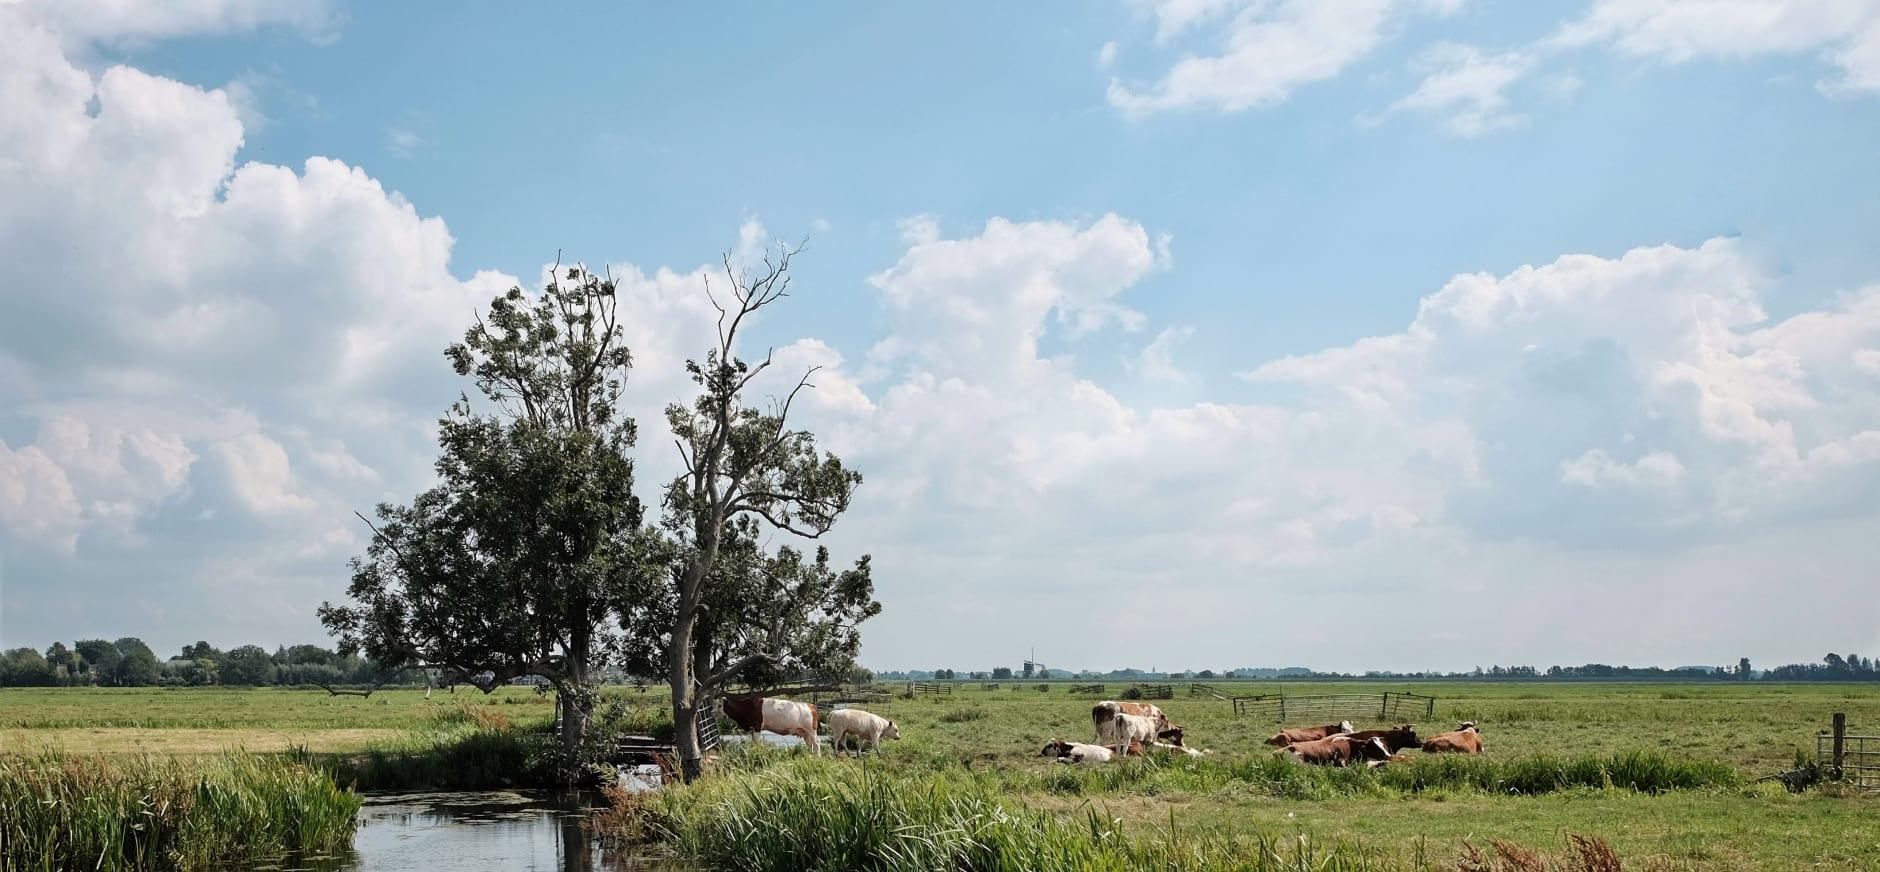 Oud Hollands landschap met koeien